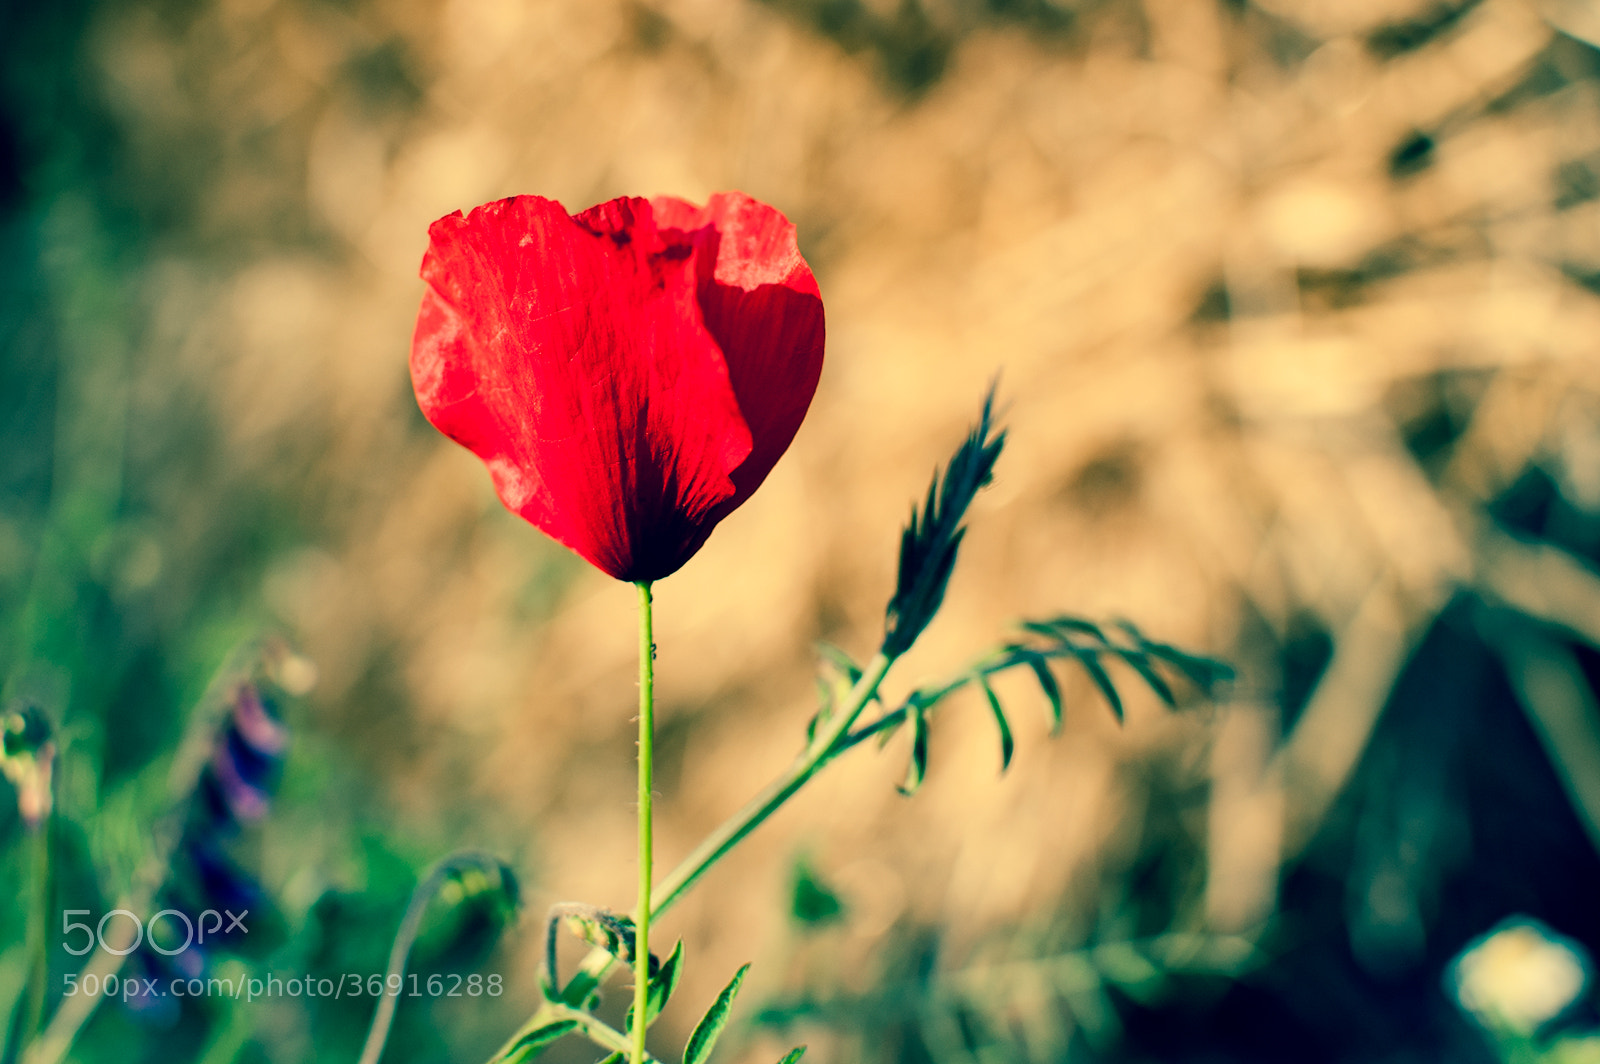 Photograph Day 157: Poppy by Yane Naumoski on 500px